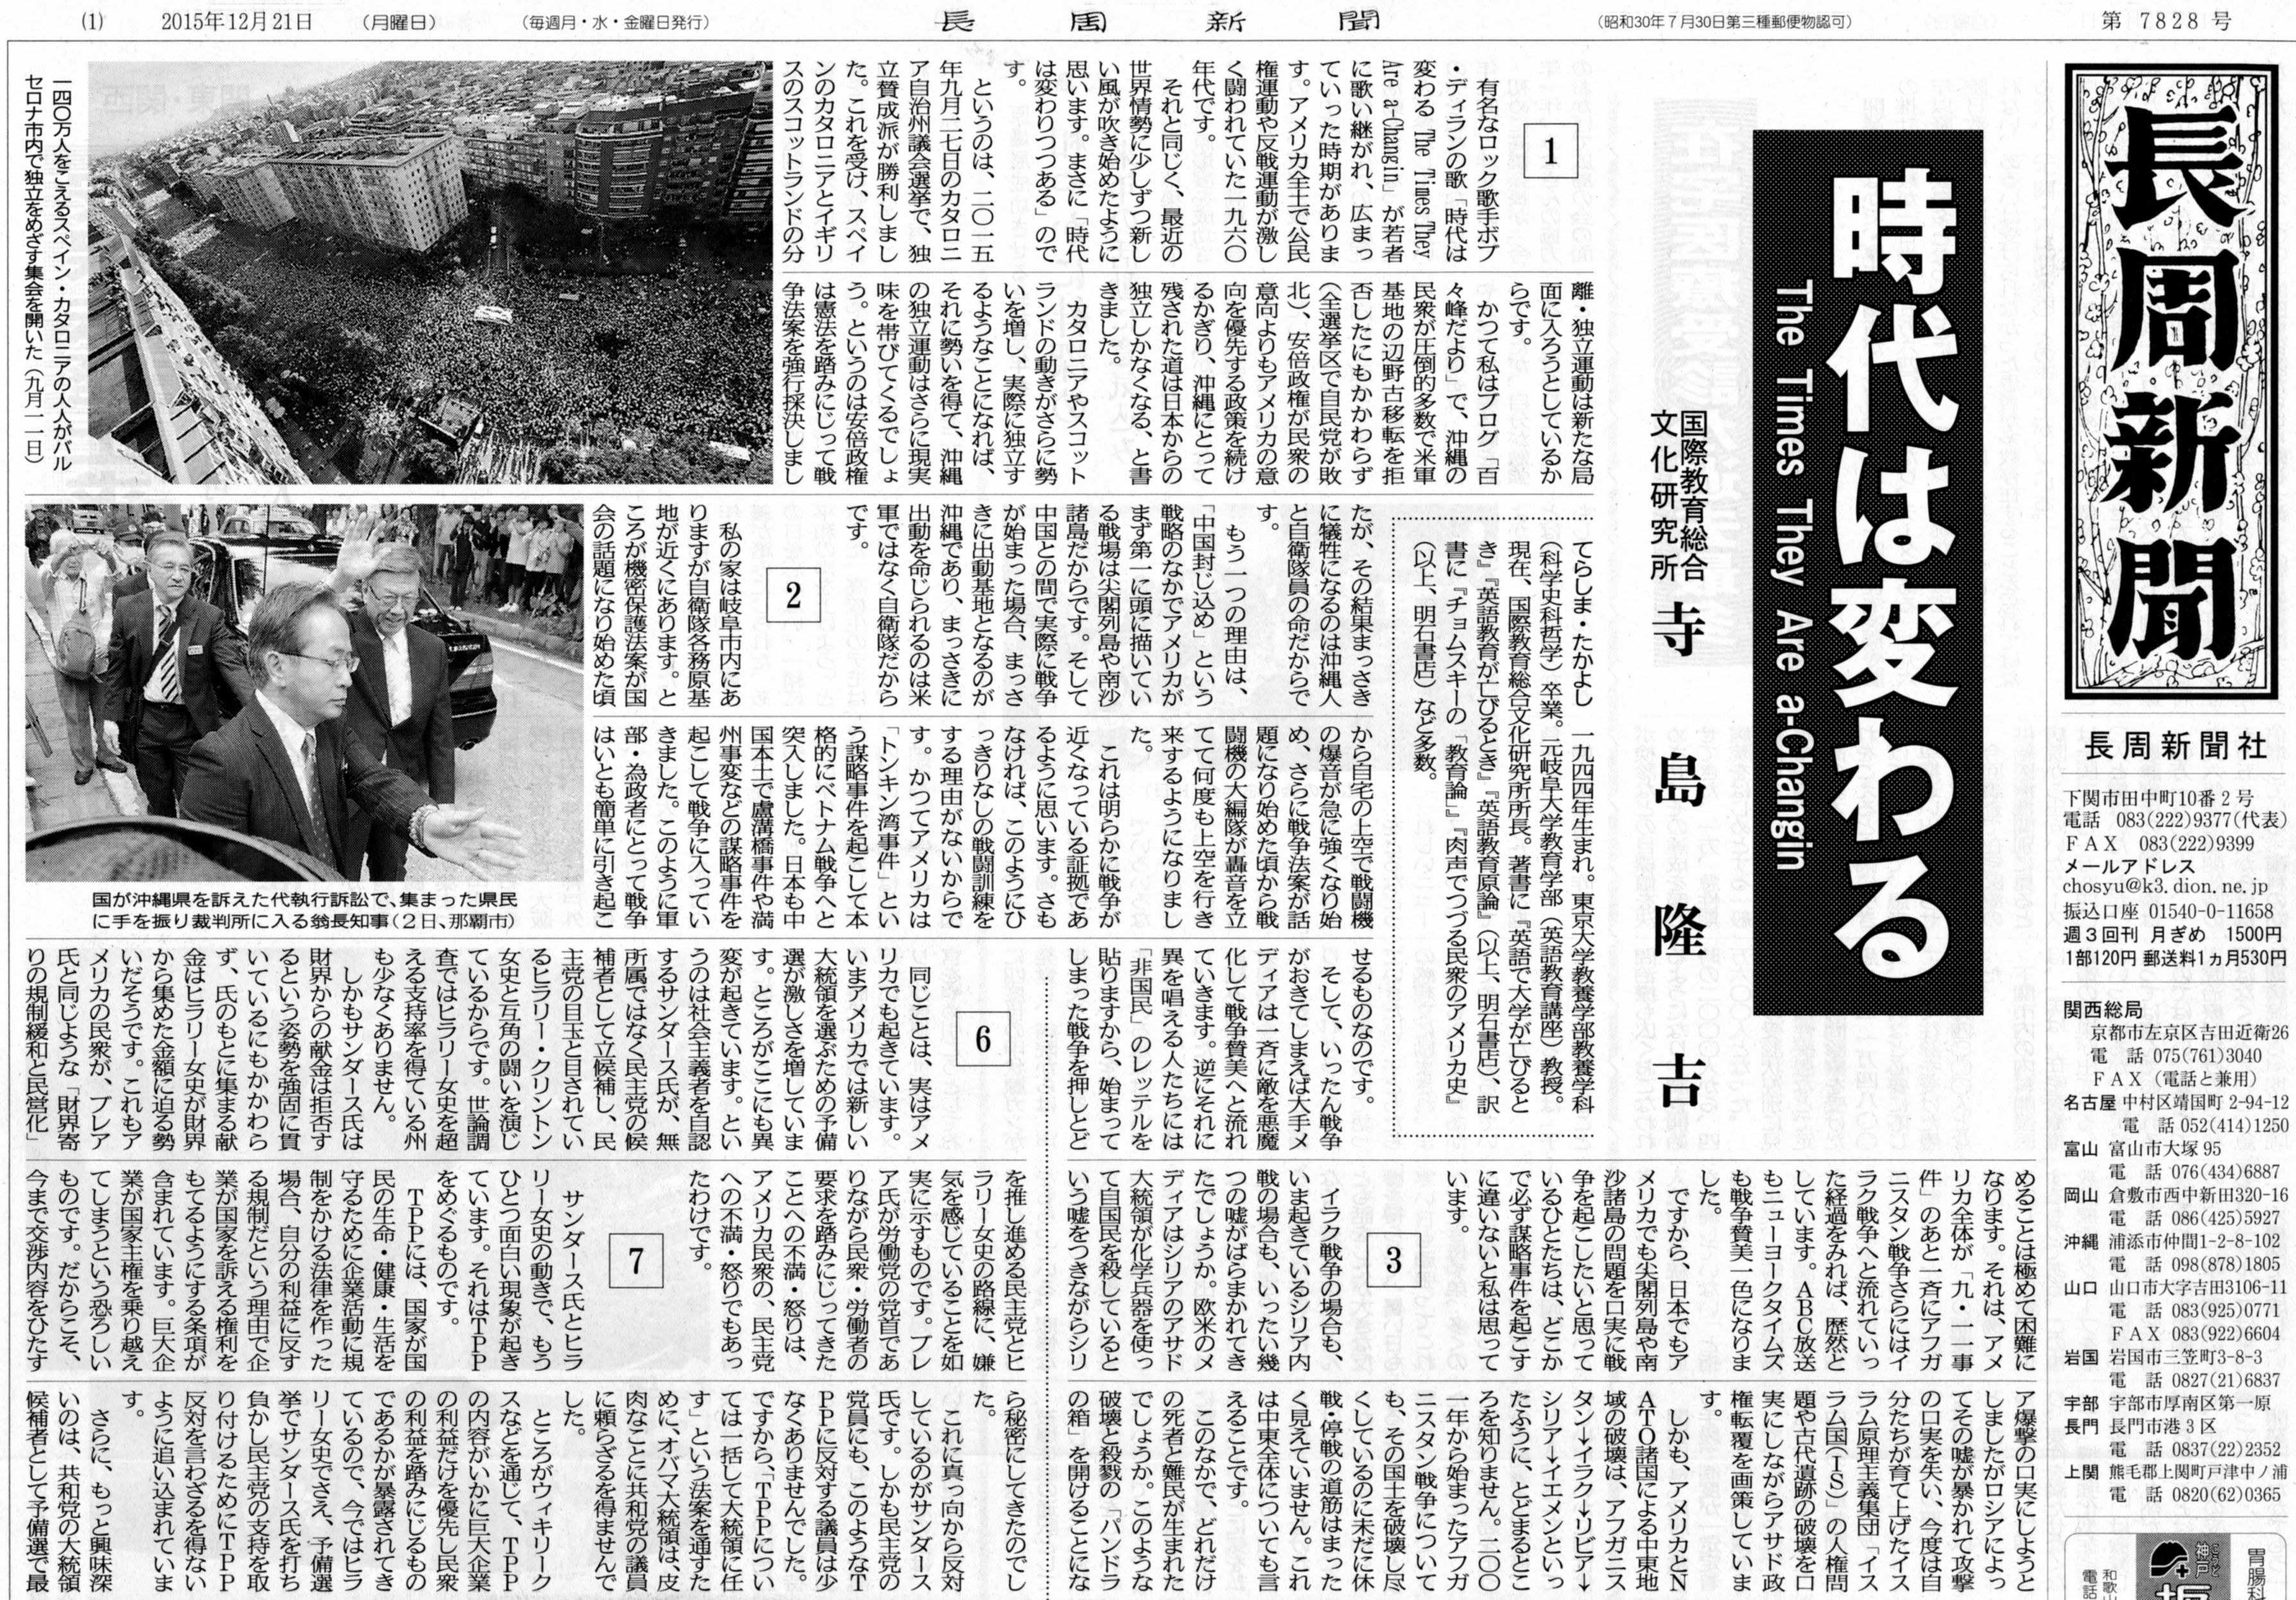 「時代は変わる」長周新聞20151221(上)139